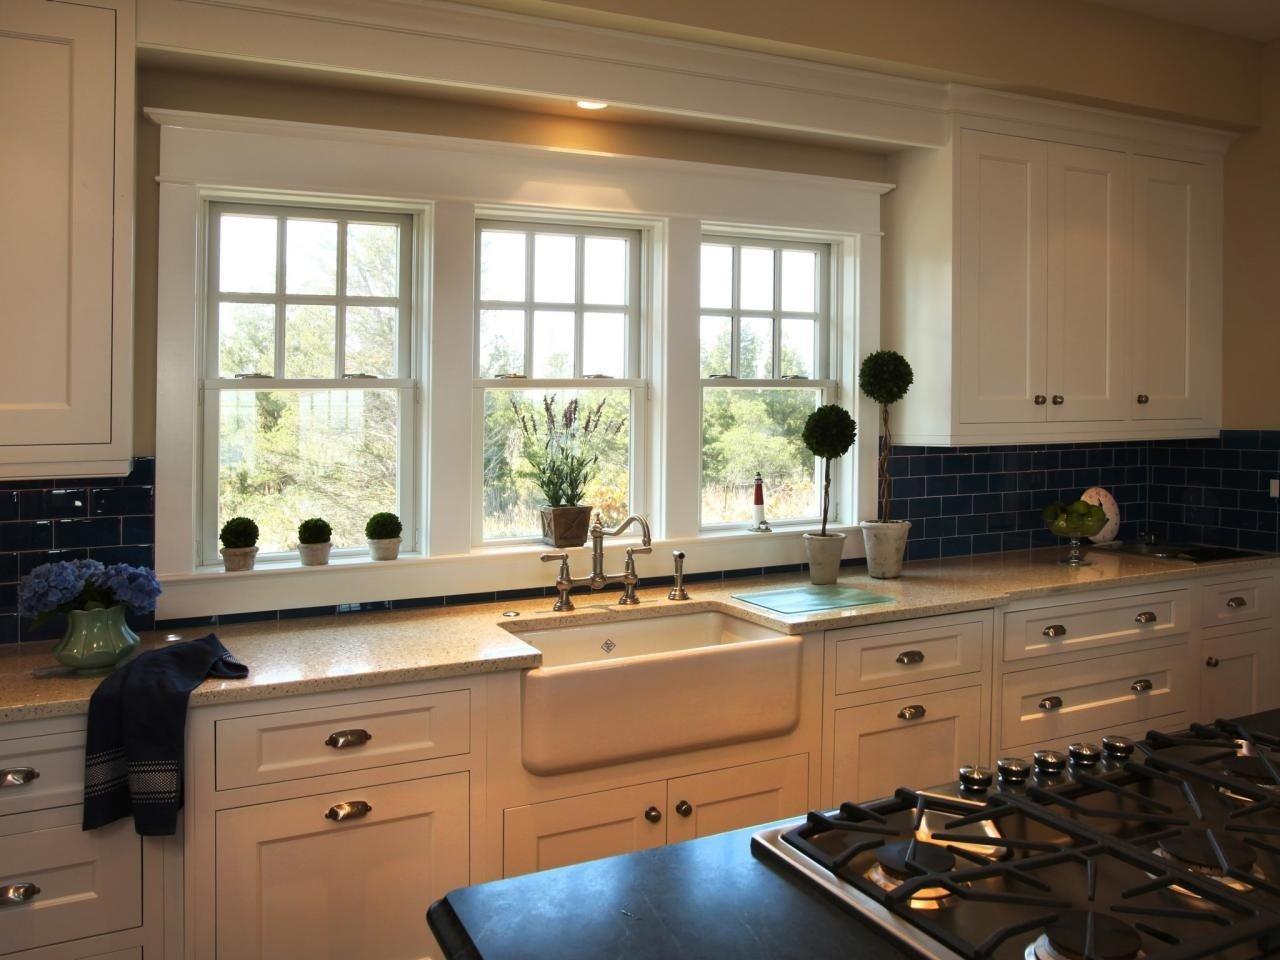 Картинки кухни в доме мойка у окна